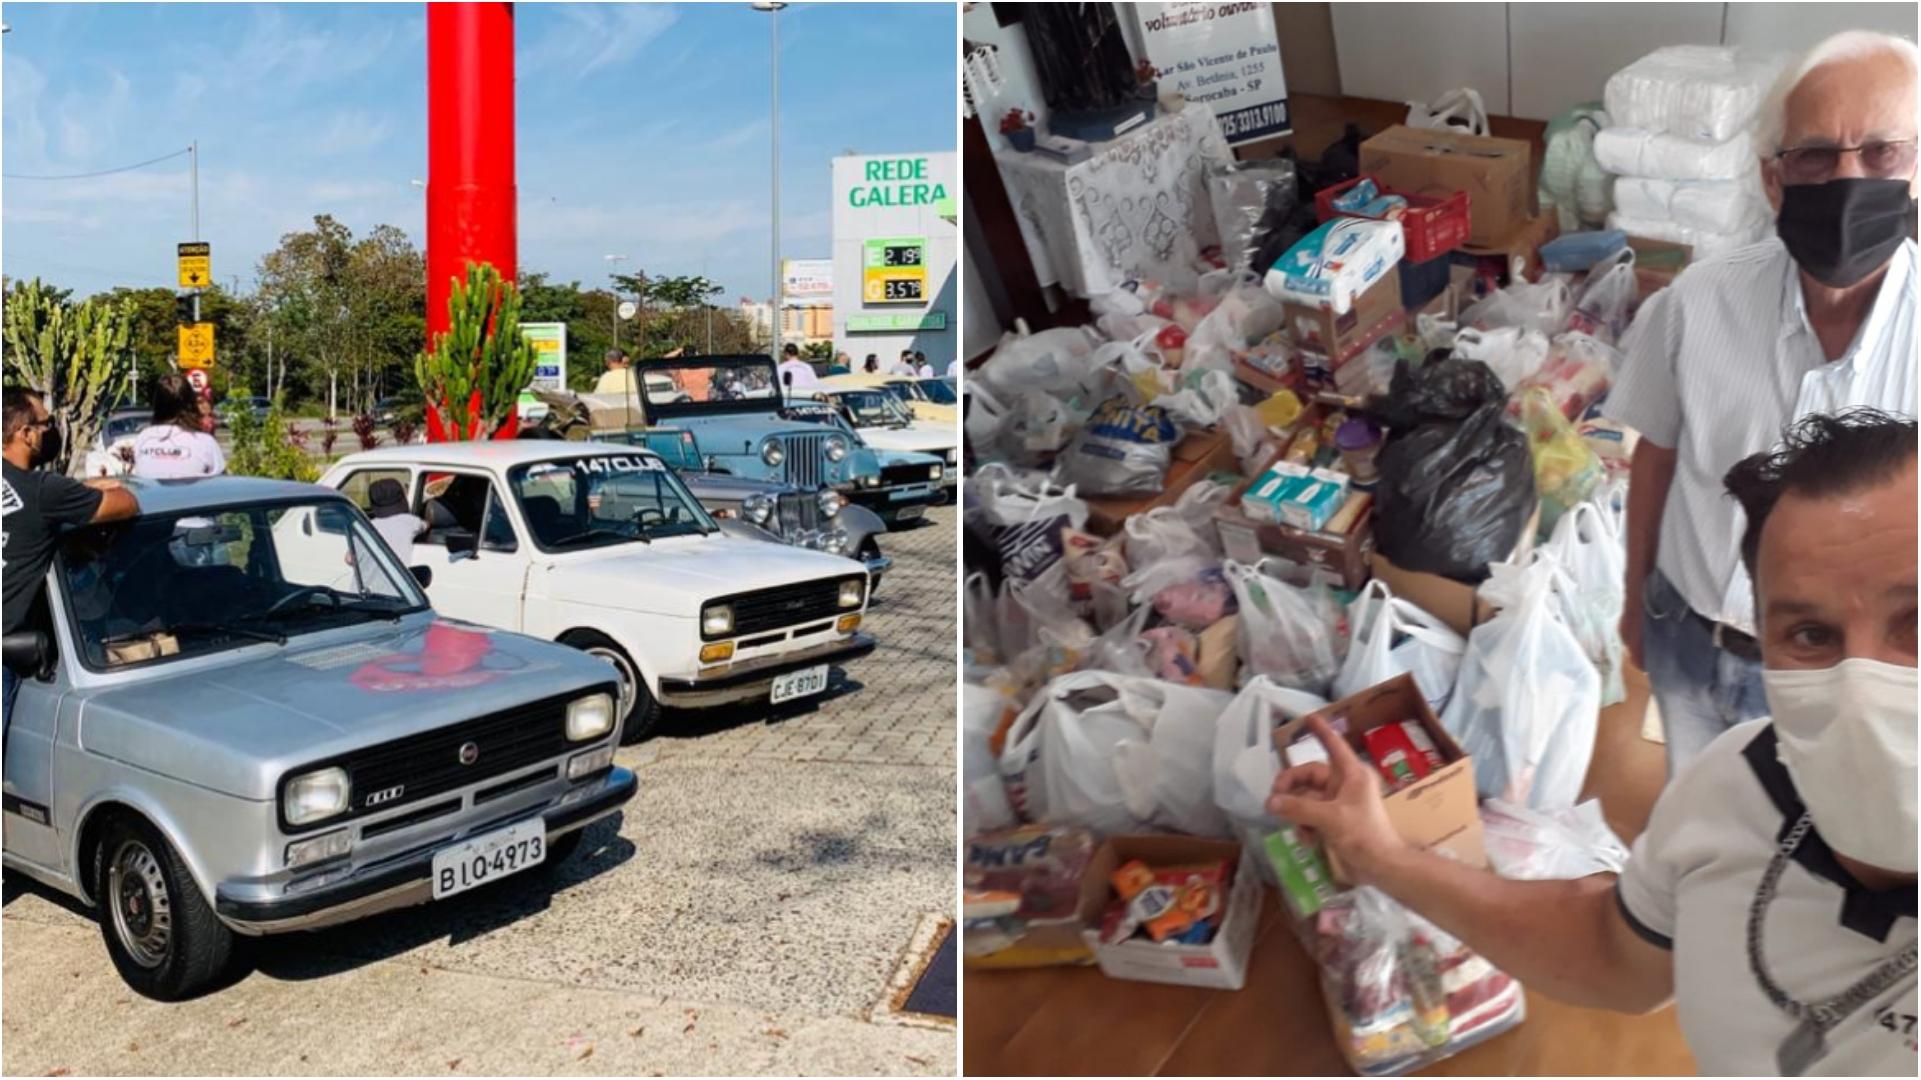 147 Clube e amigos, arrecadam e doam alimentos para idosos em Sorocaba